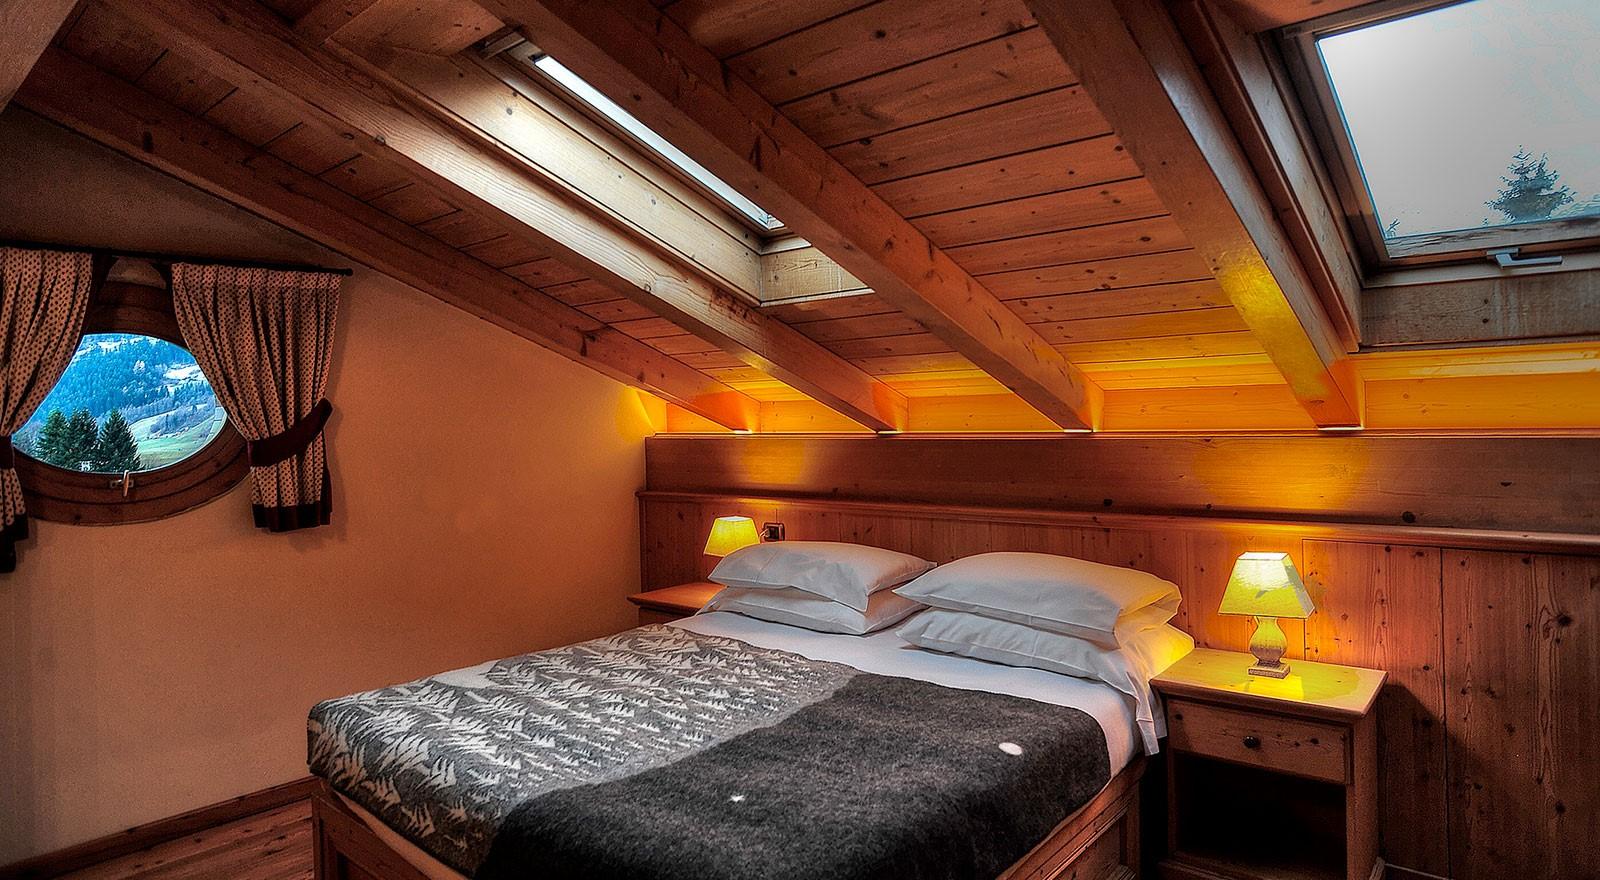 Chambre sous combles: vous pouvez générer un bénéfice si vous le louez sur Airbnb.